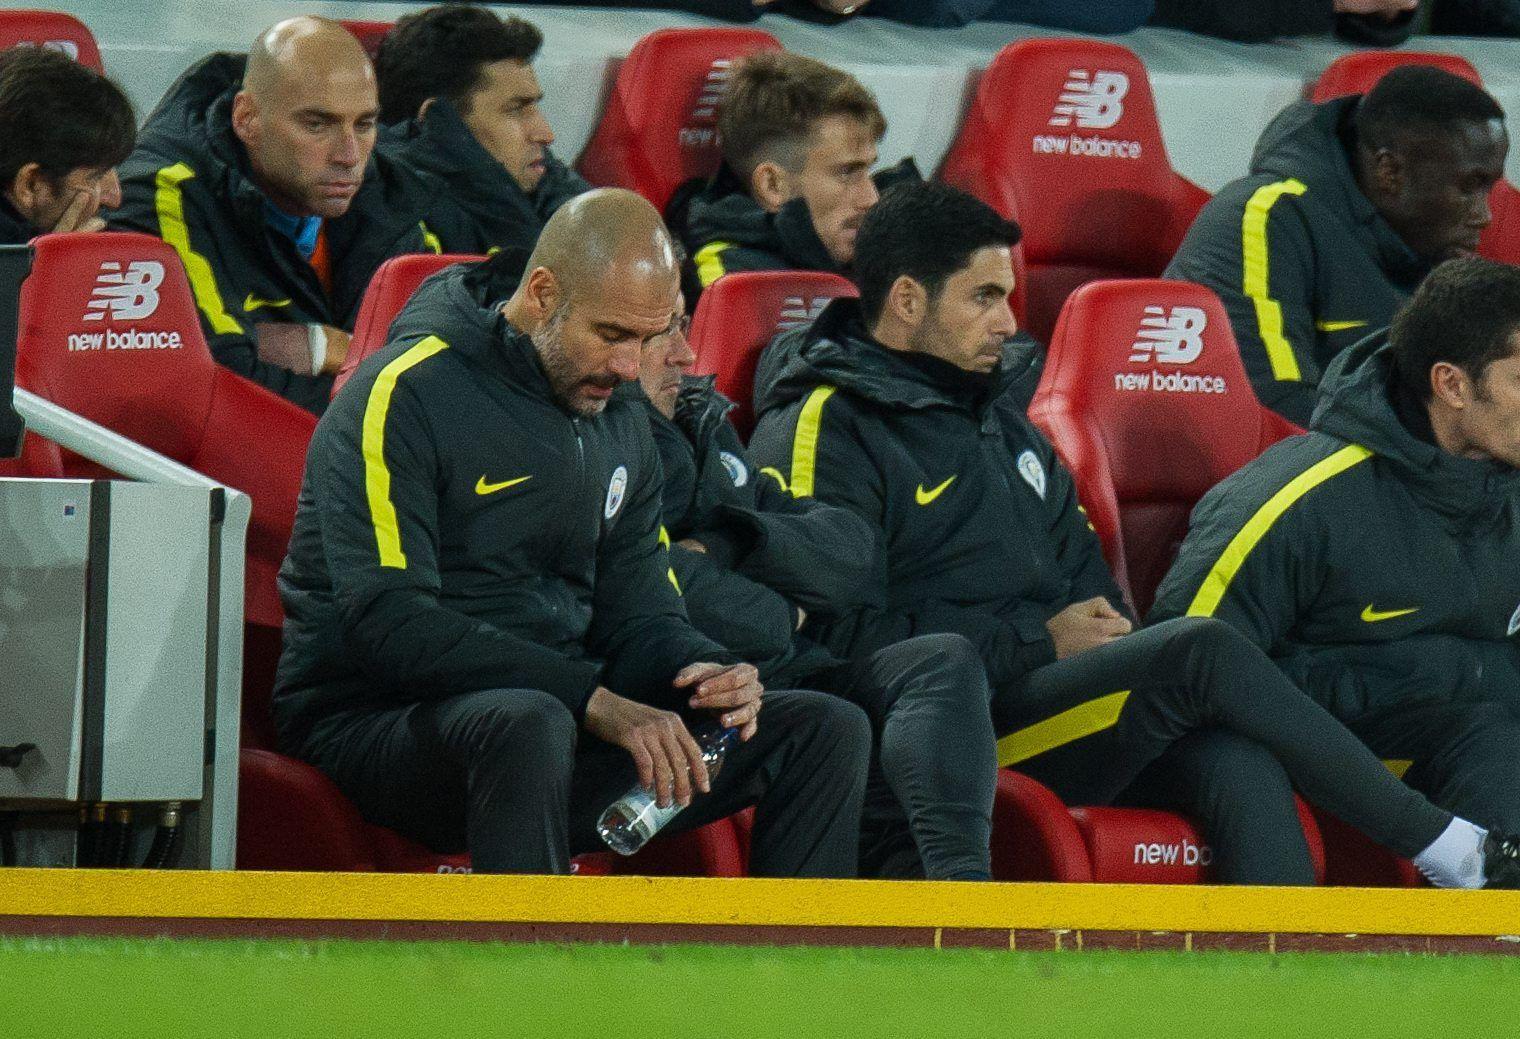 El español cumplirá su contrato en el City...¿y después?